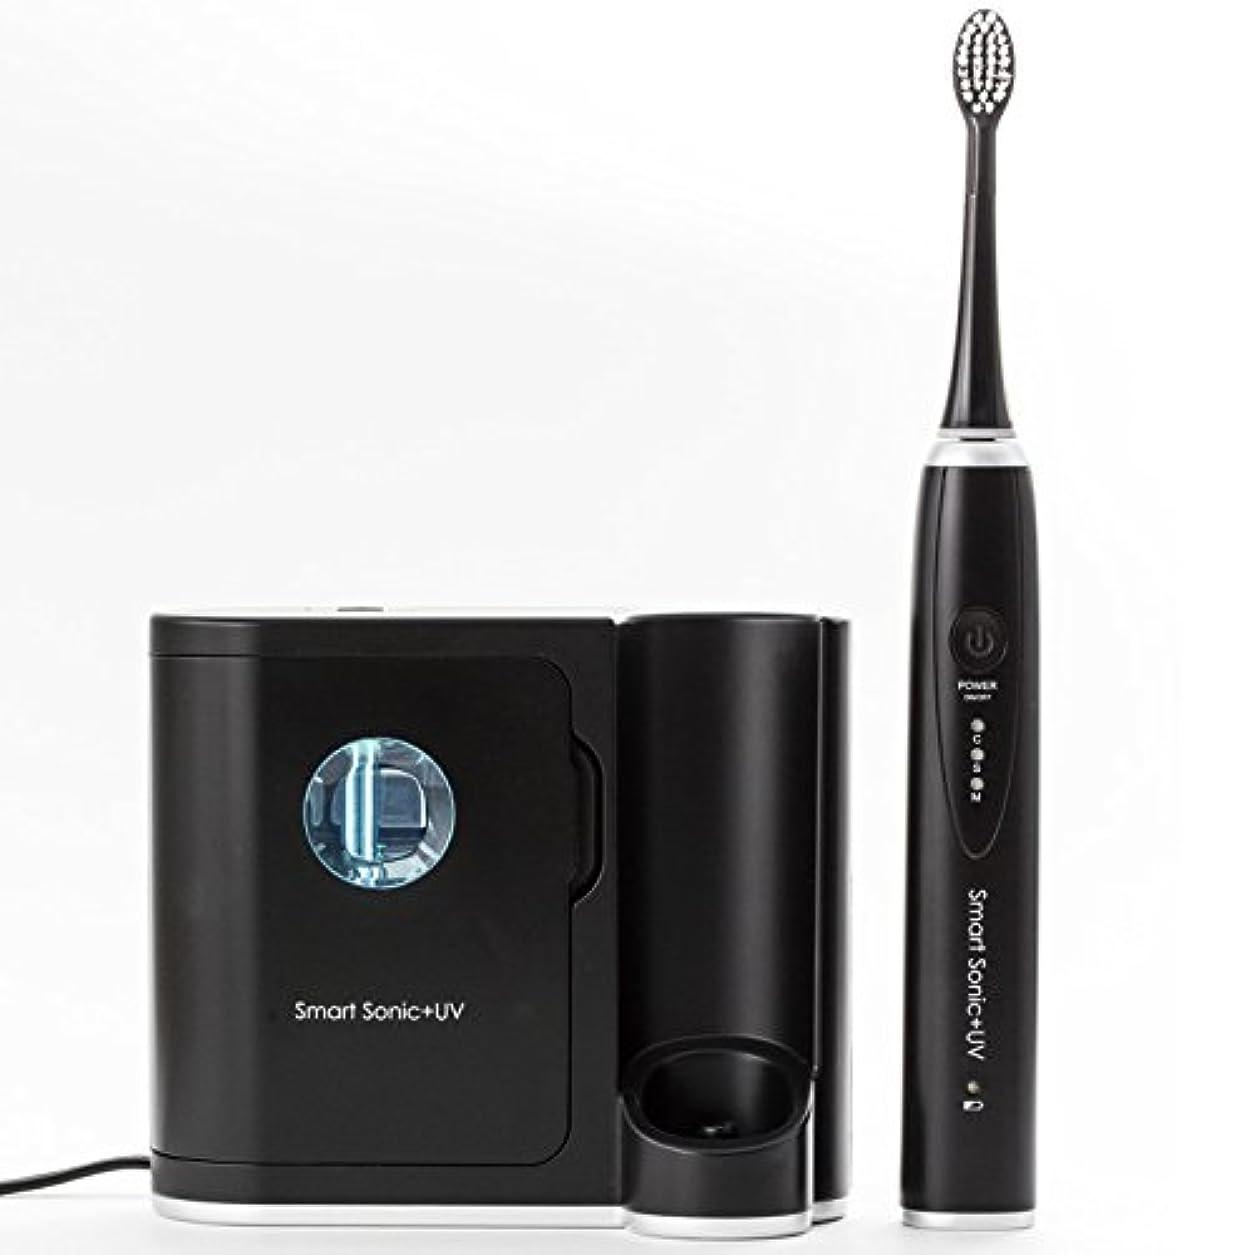 和解する織る俳句音波歯ブラシ UV 紫外線除菌 歯ブラシ 殺菌機能付き 電動歯ブラシ スマートソニック プラス UV Smart Sonic UV